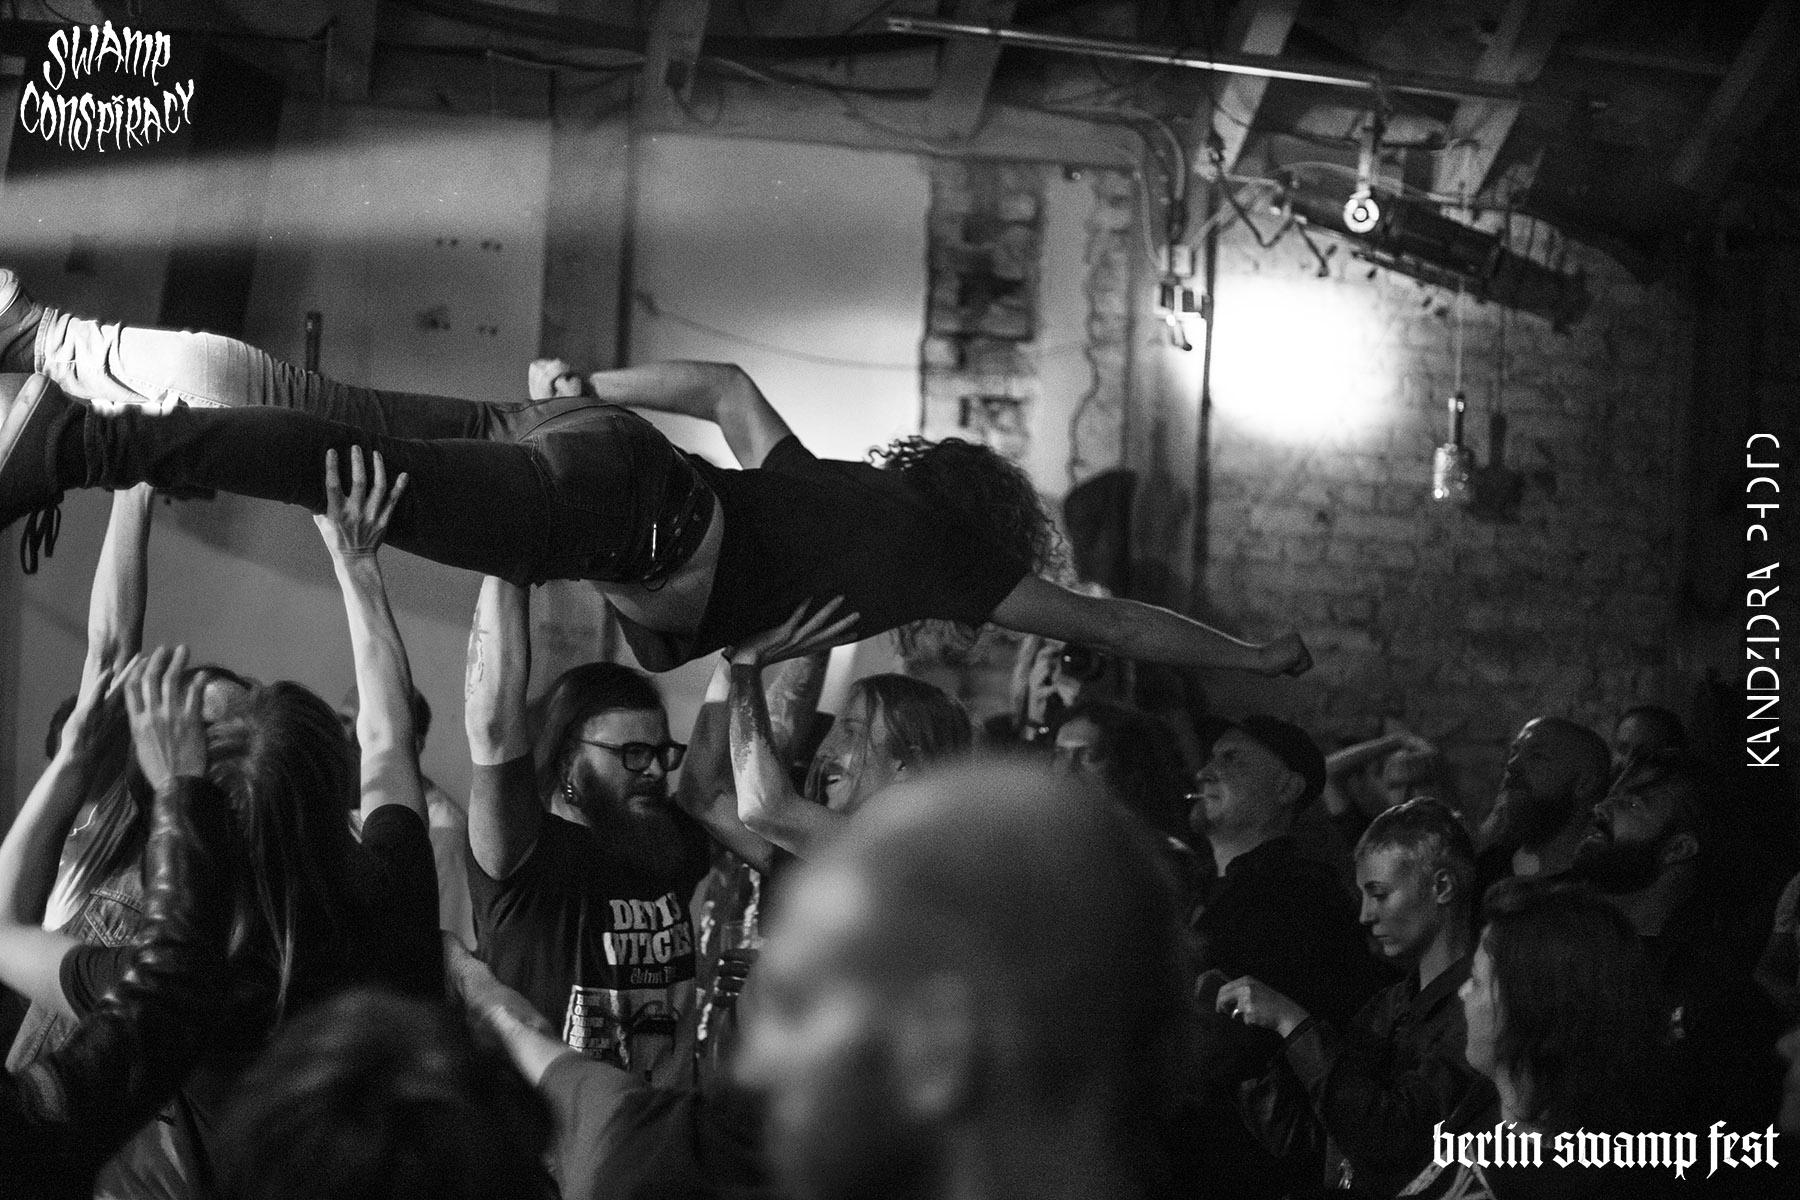 Mandala_Berlin_Swamp_Fest_2019_17-1